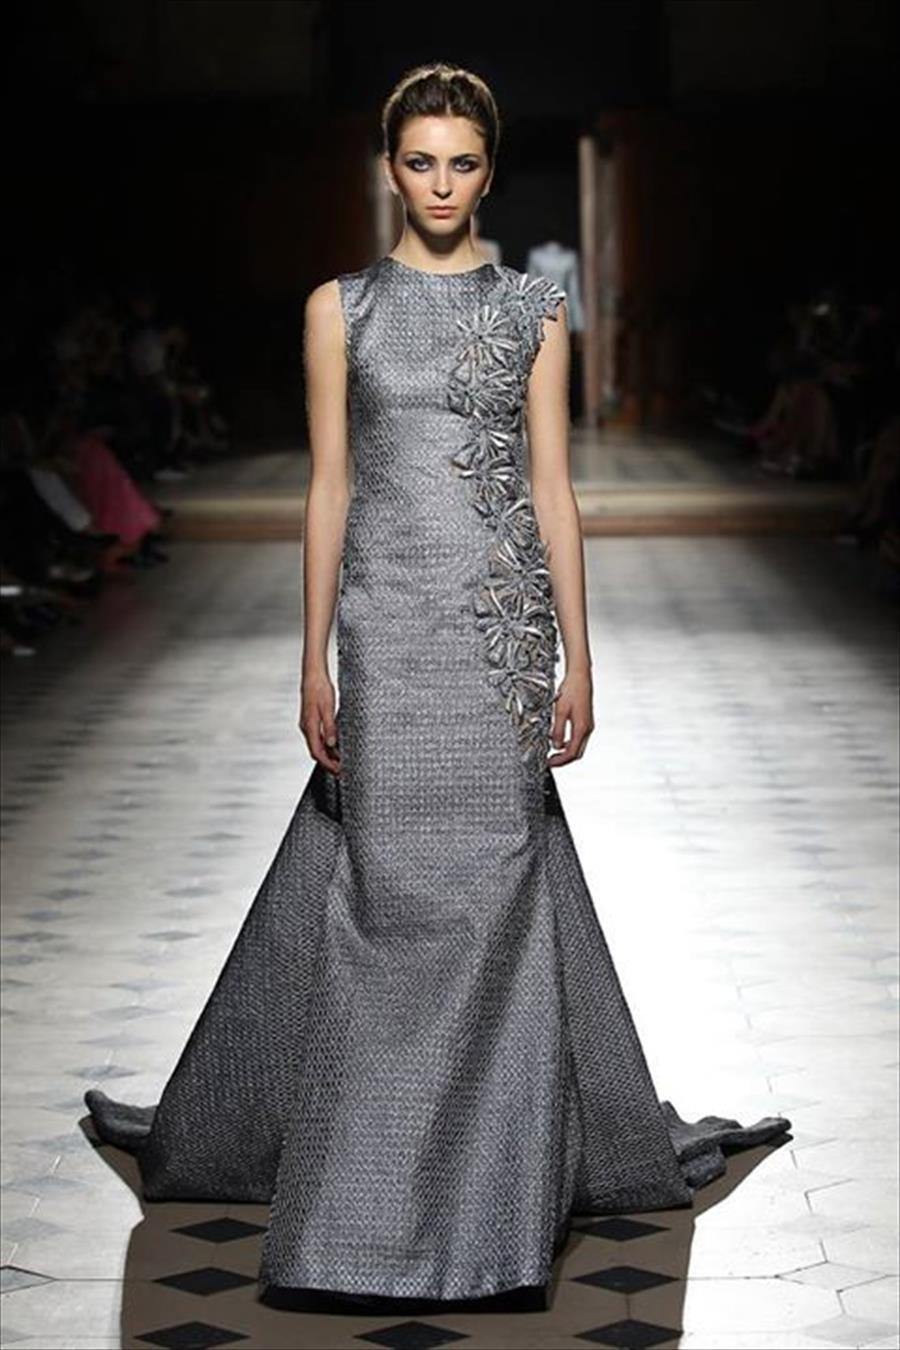 بالصور فساتين سهرة في طرابلس فيس بوك , اروع الفساتين , قلبي يا ناس علي الاناقة 225 4